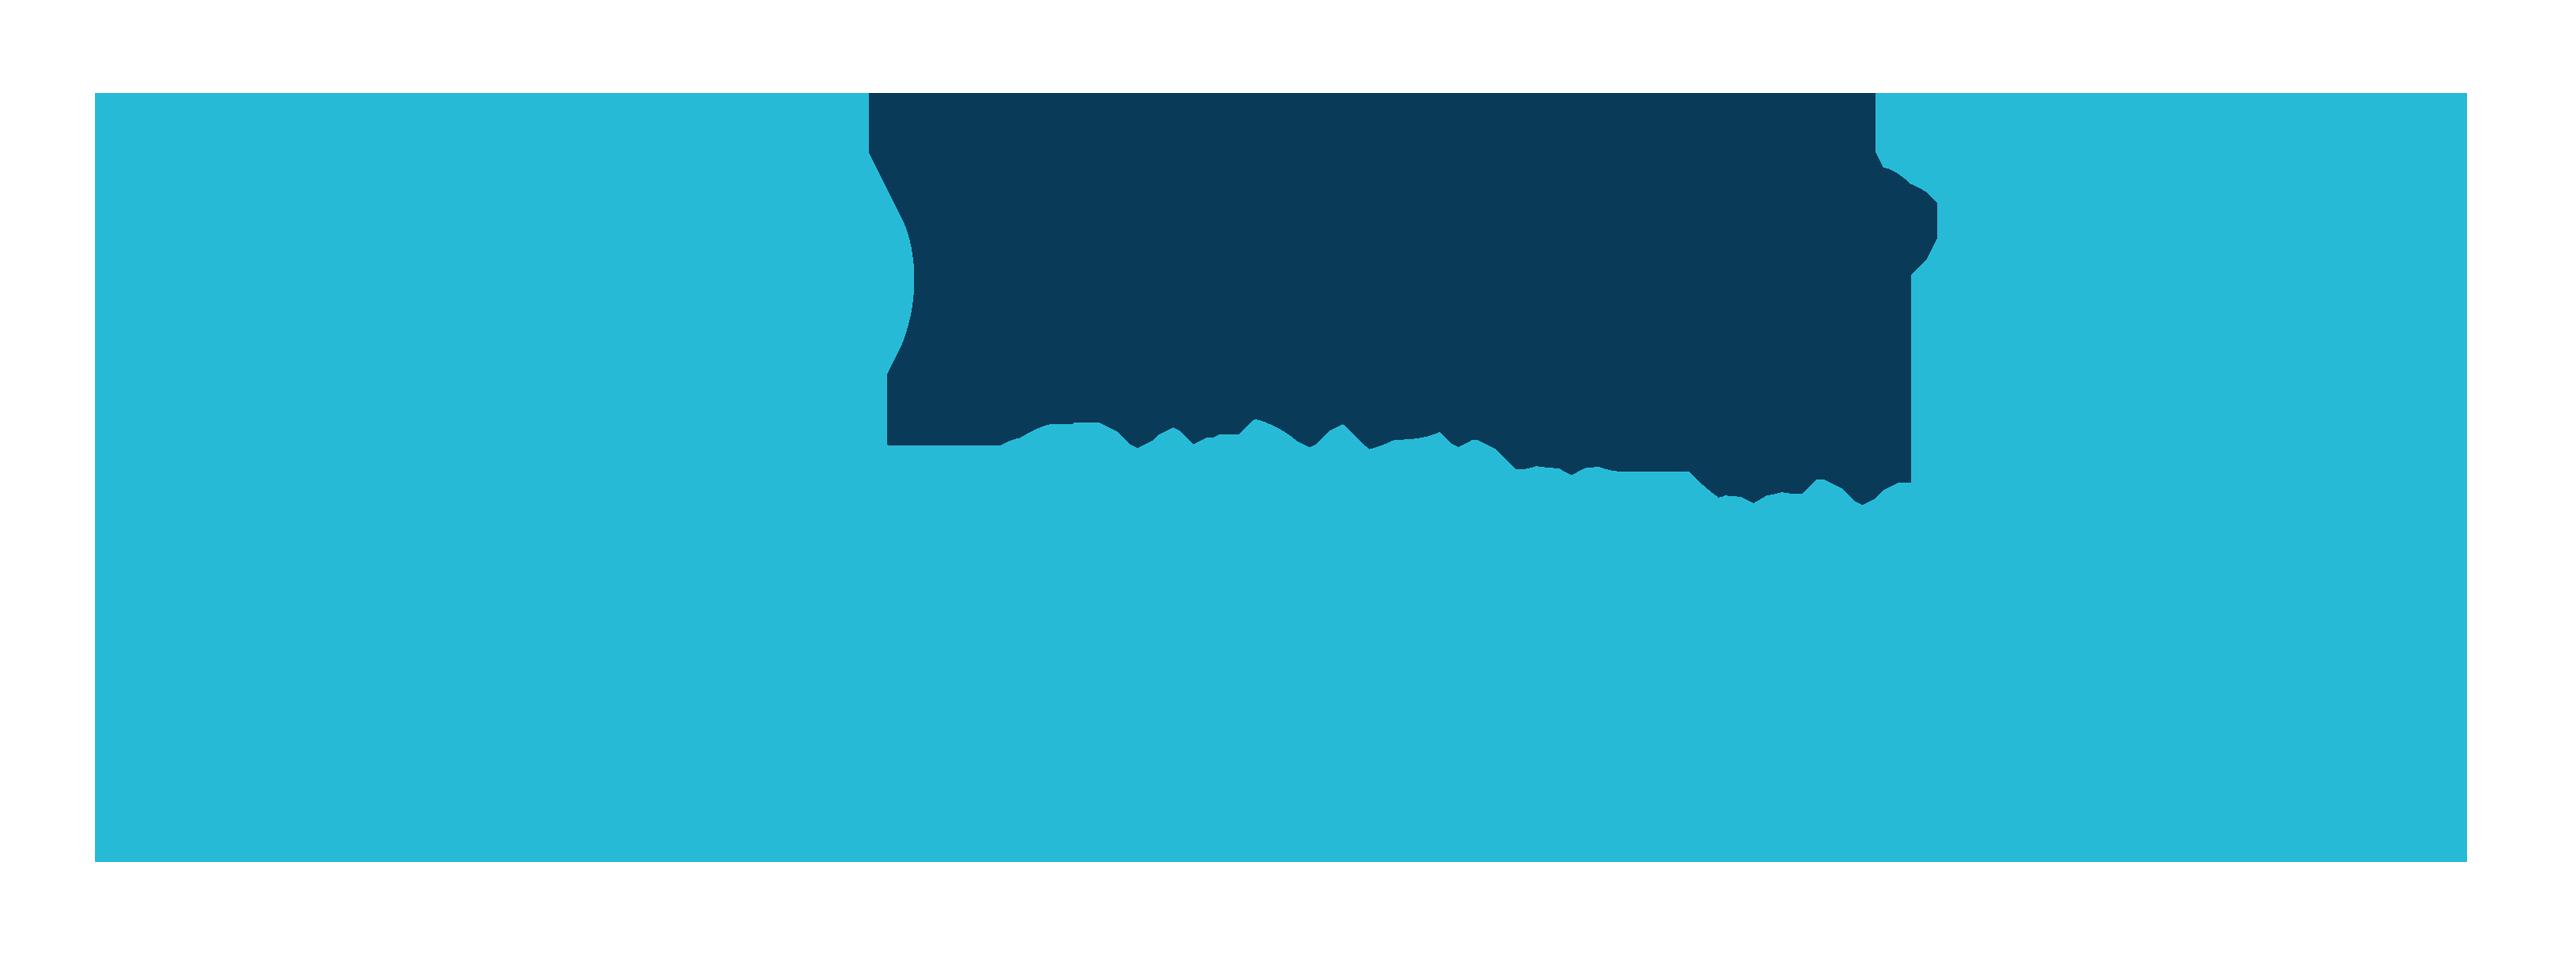 Rhagoriaith